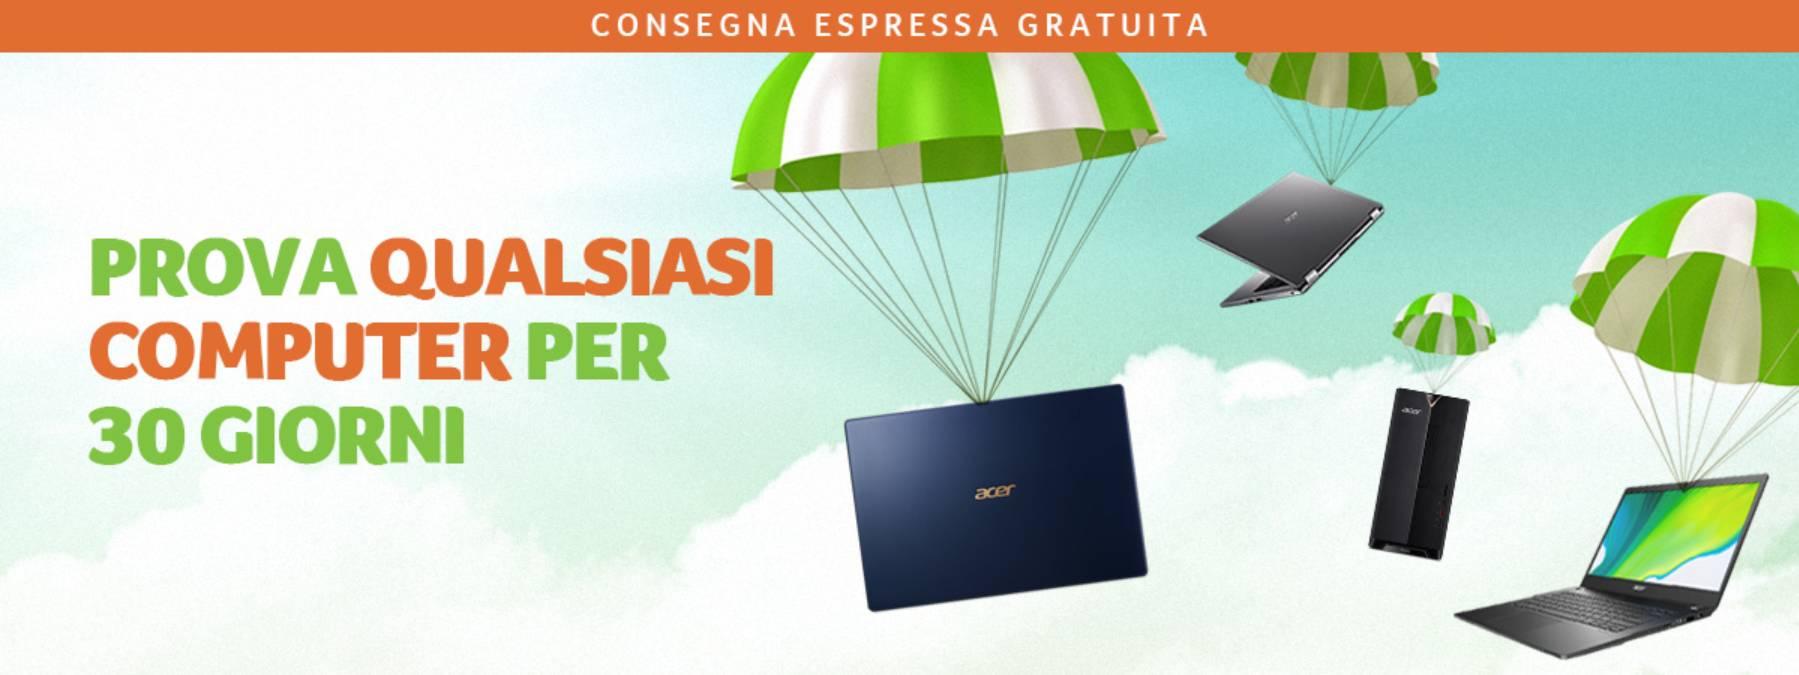 banner offerte Acer - marzo 2020